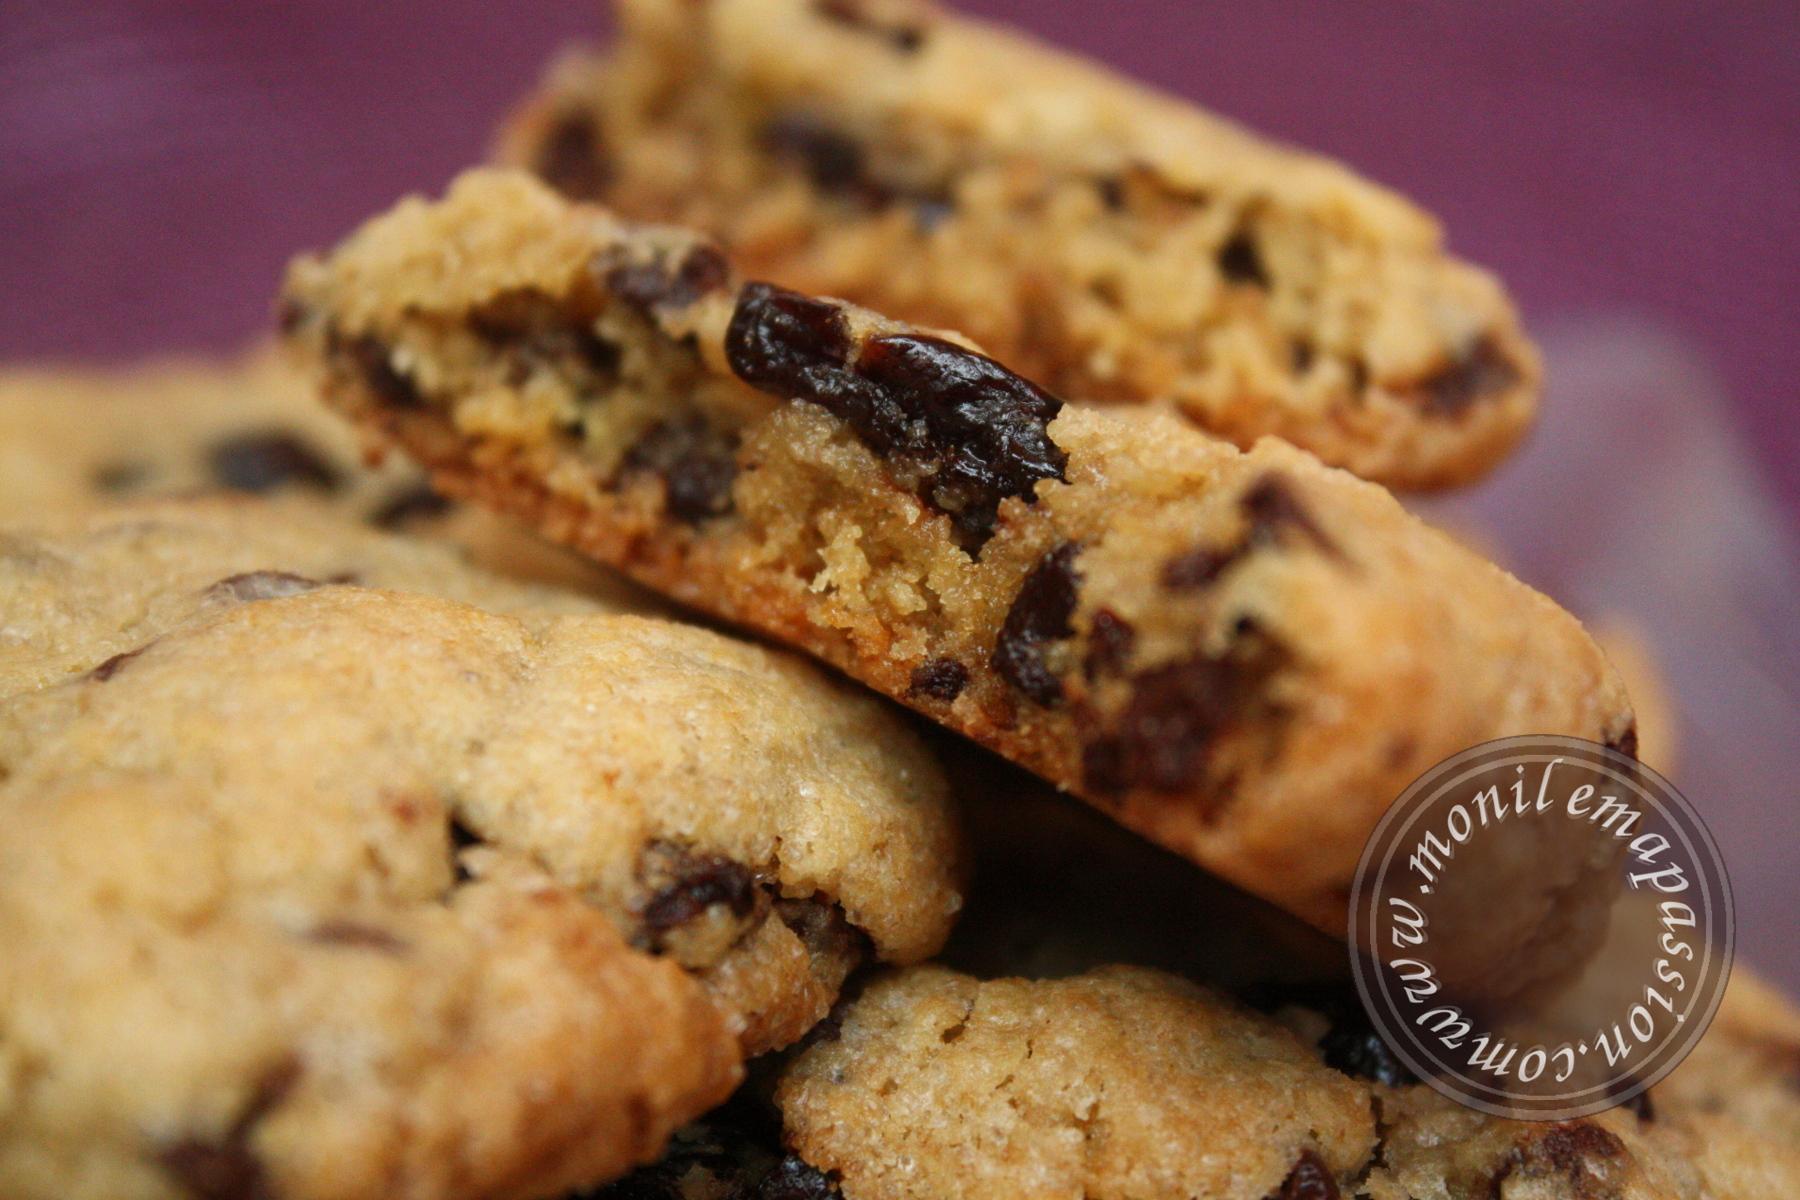 Cookies cerises séchées et noix de pécan - Pecan & dried cherries cookies